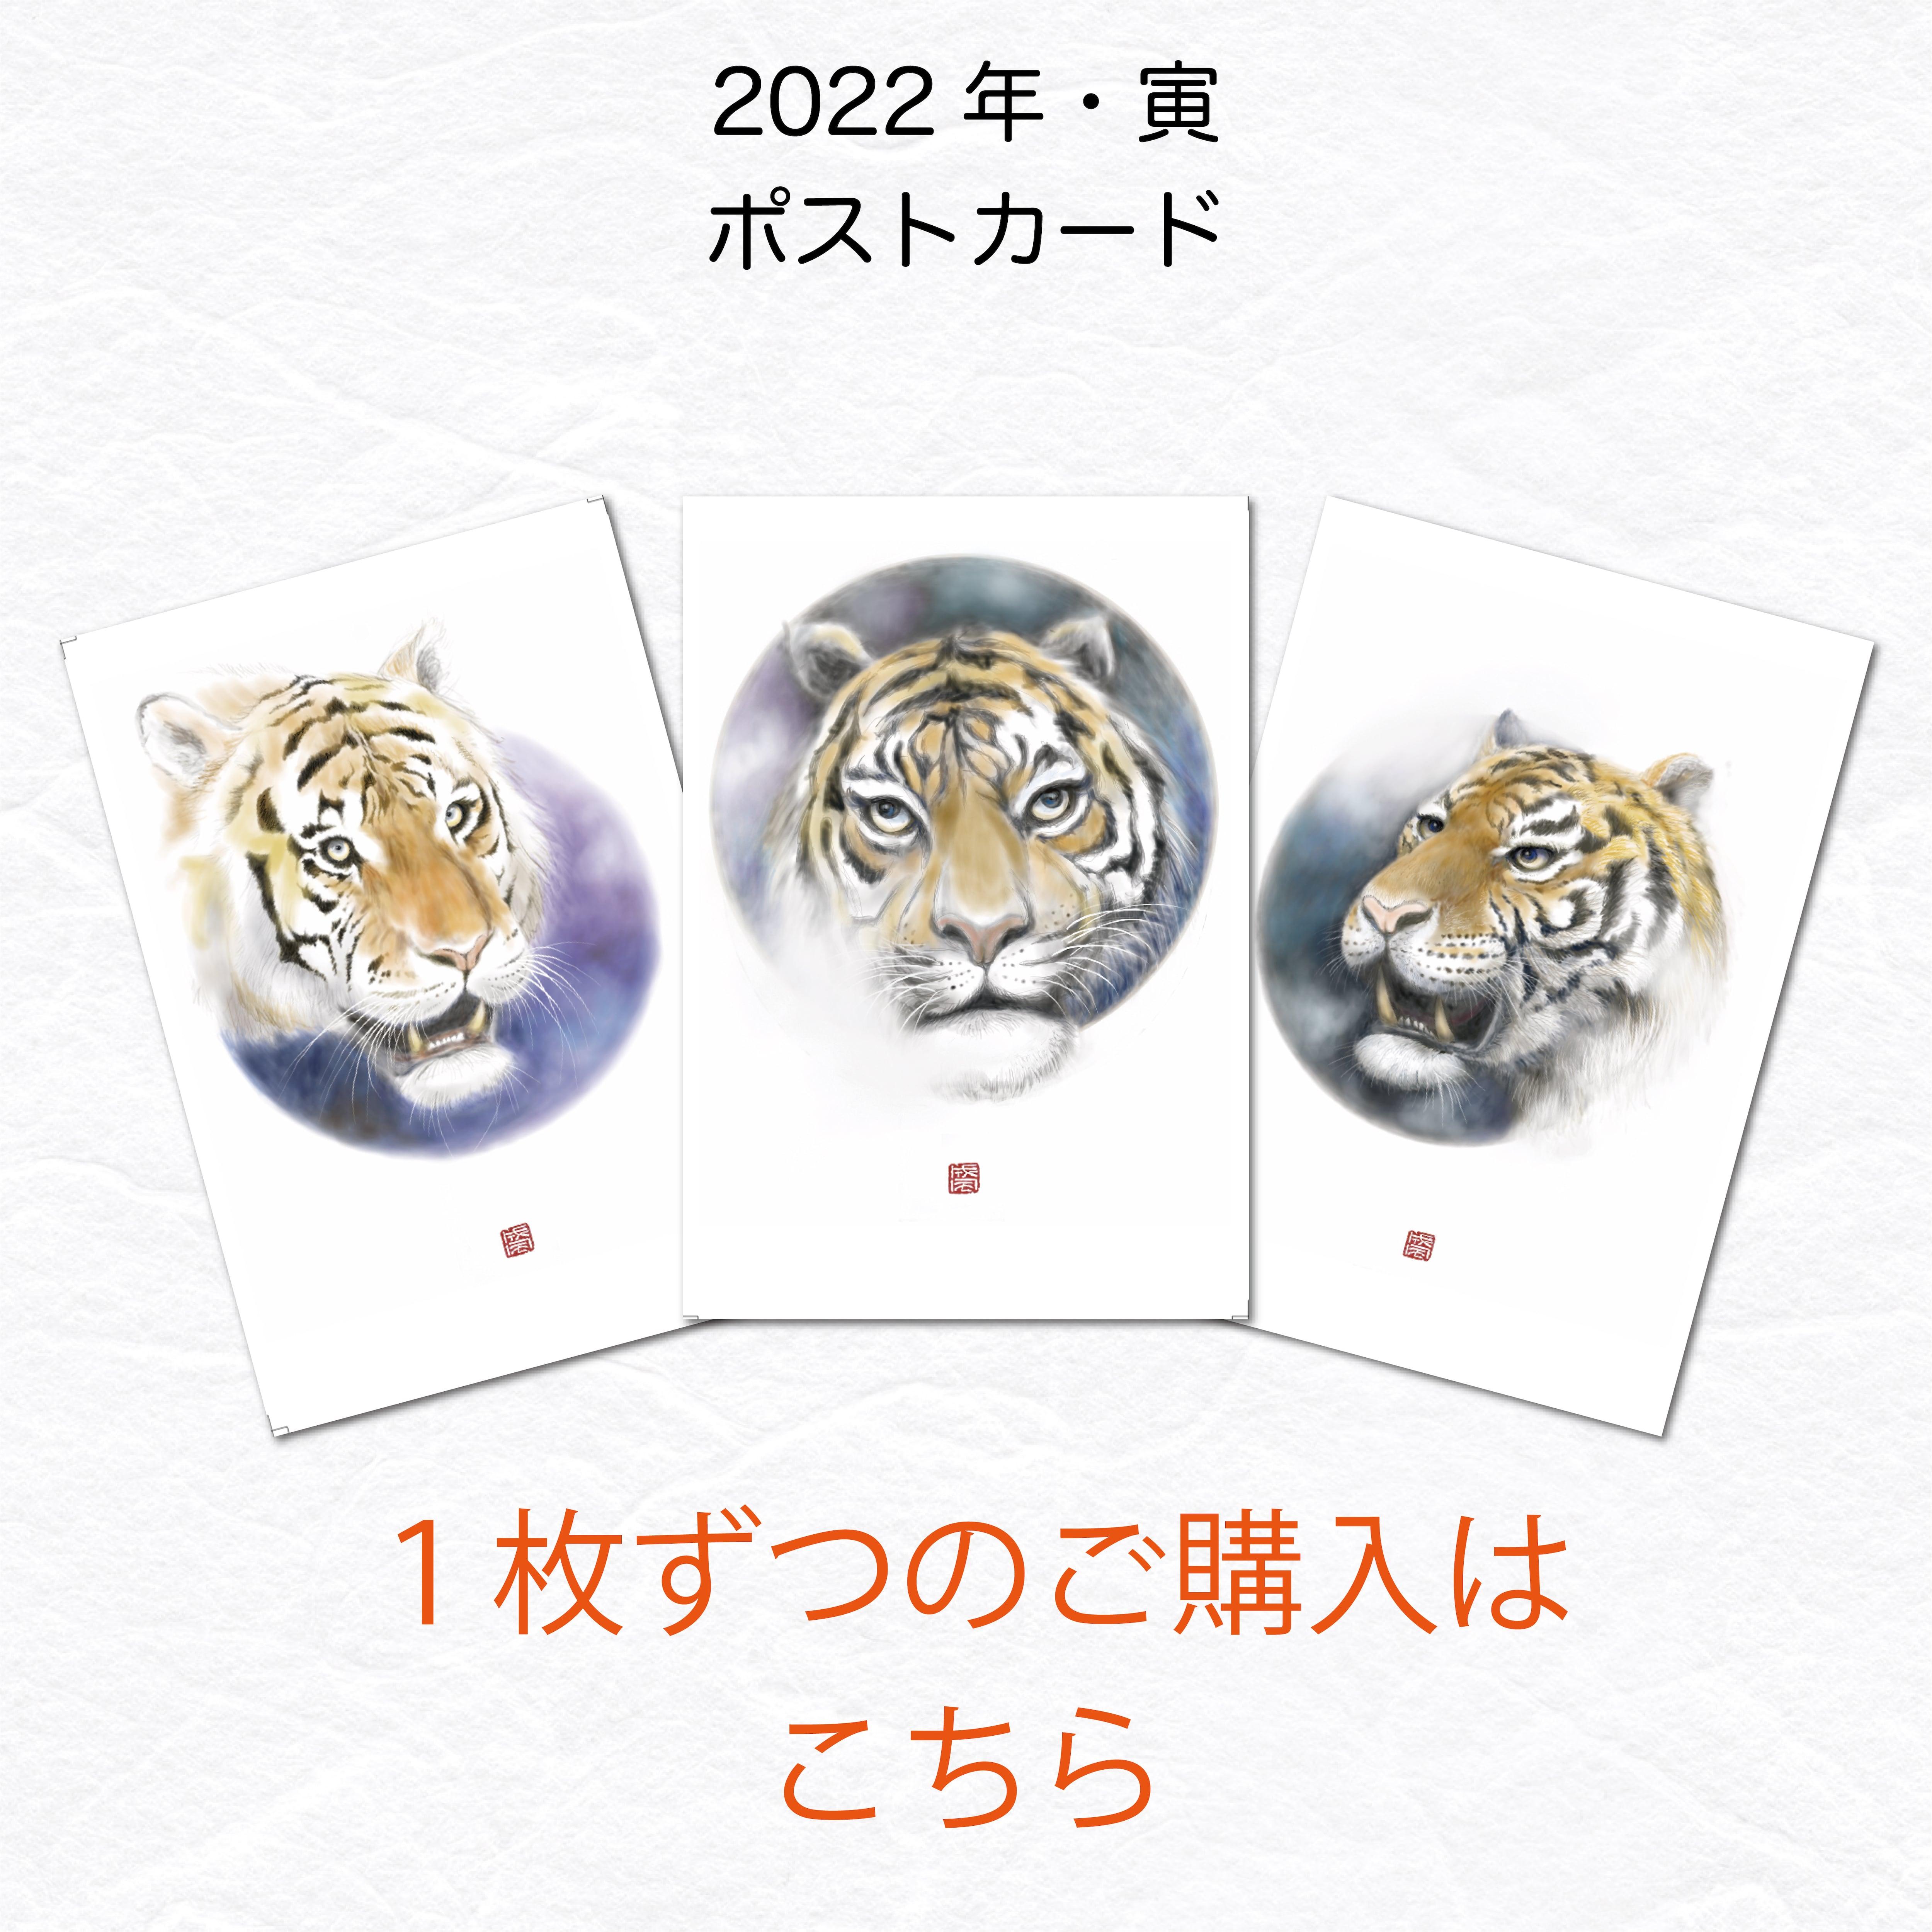 2022年 ポストカード・年賀状 寅